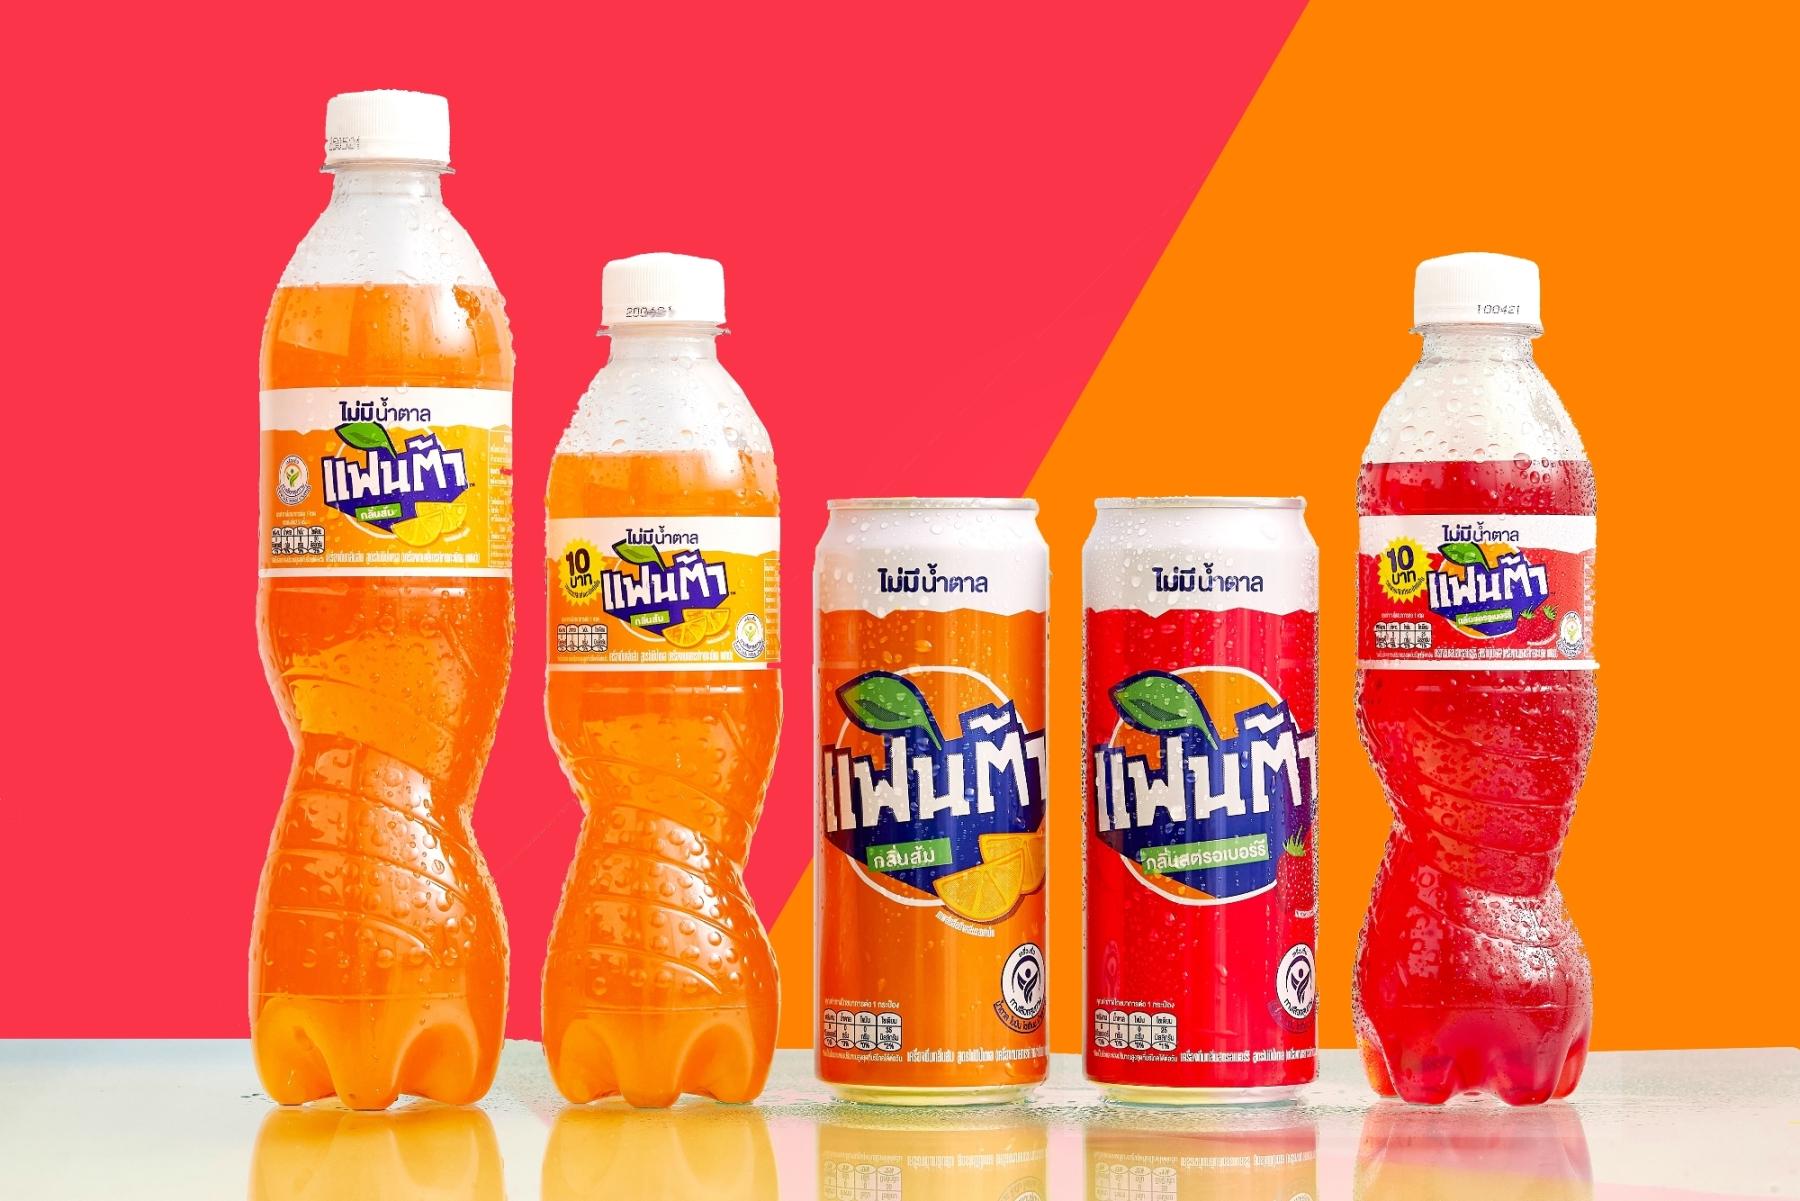 """""""แฟนต้า"""" เปิดตัวครั้งแรก """"แฟนต้า ไม่มีน้ำตาล"""" กลิ่นส้มและสตรอเบอร์รี่ 2 รสชาติทางเลือกใหม่ สนุกซ่า กลิ่นผลไม้ อร่อย ต้องลอง"""